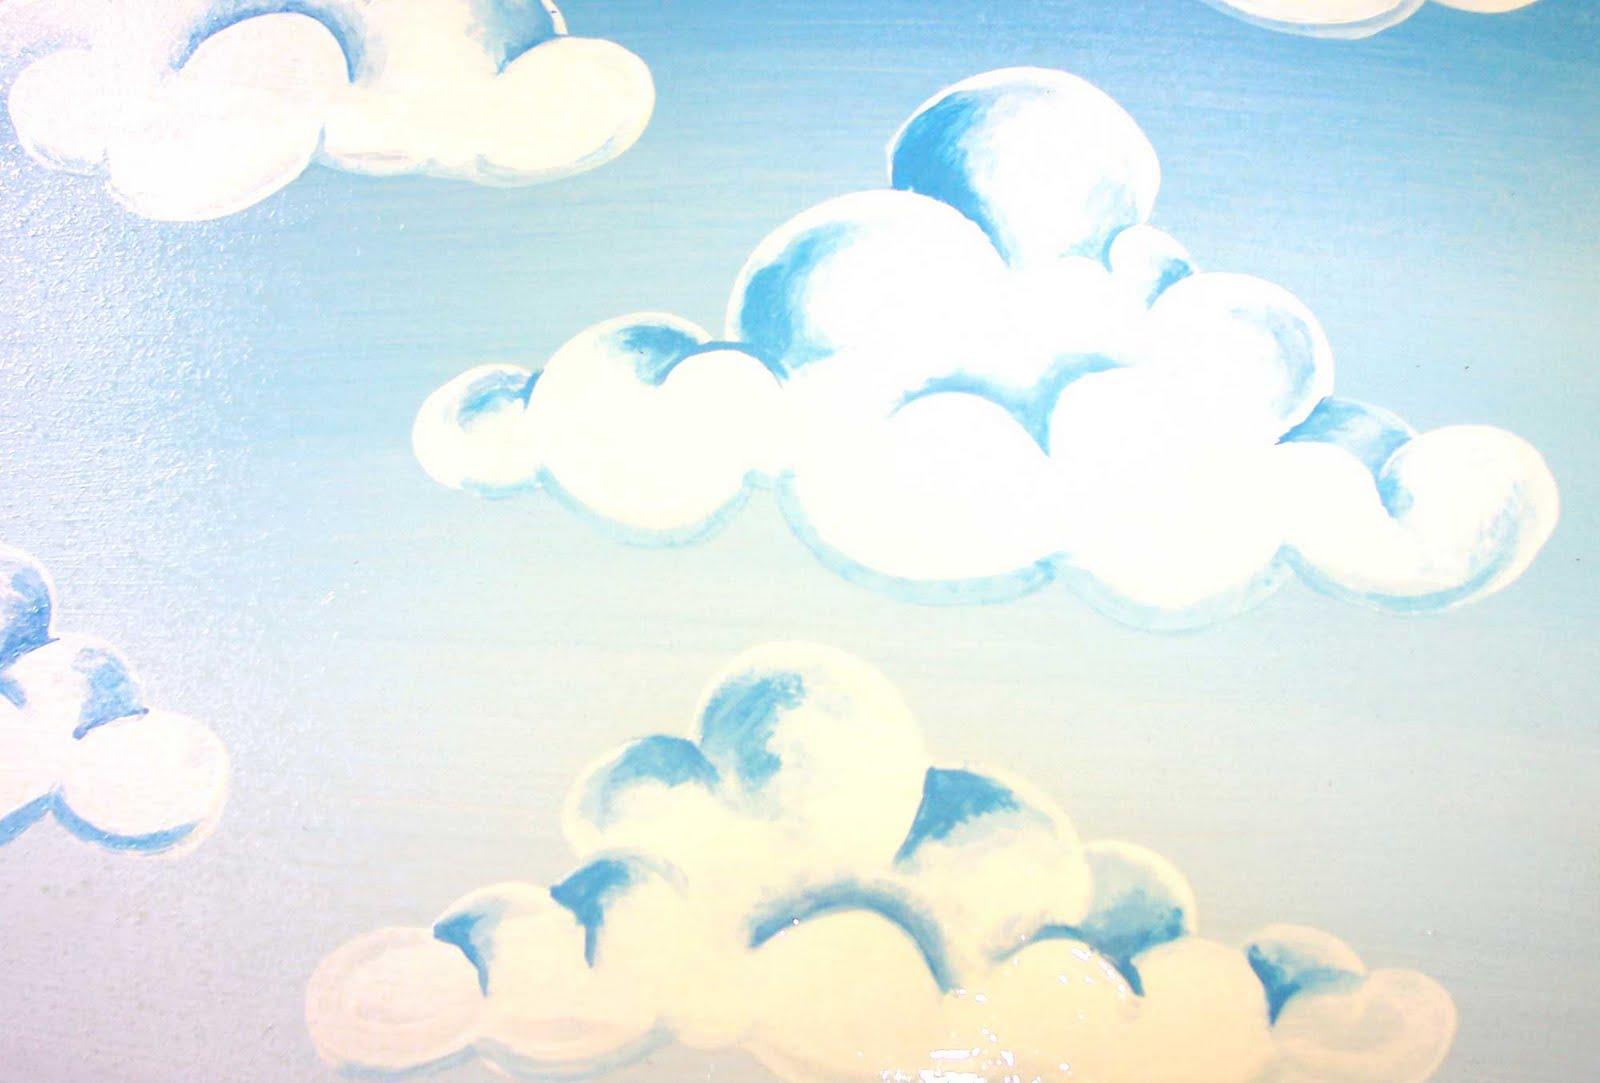 Viaja con las nubes menudo castillo - Imagenes de nubes infantiles ...